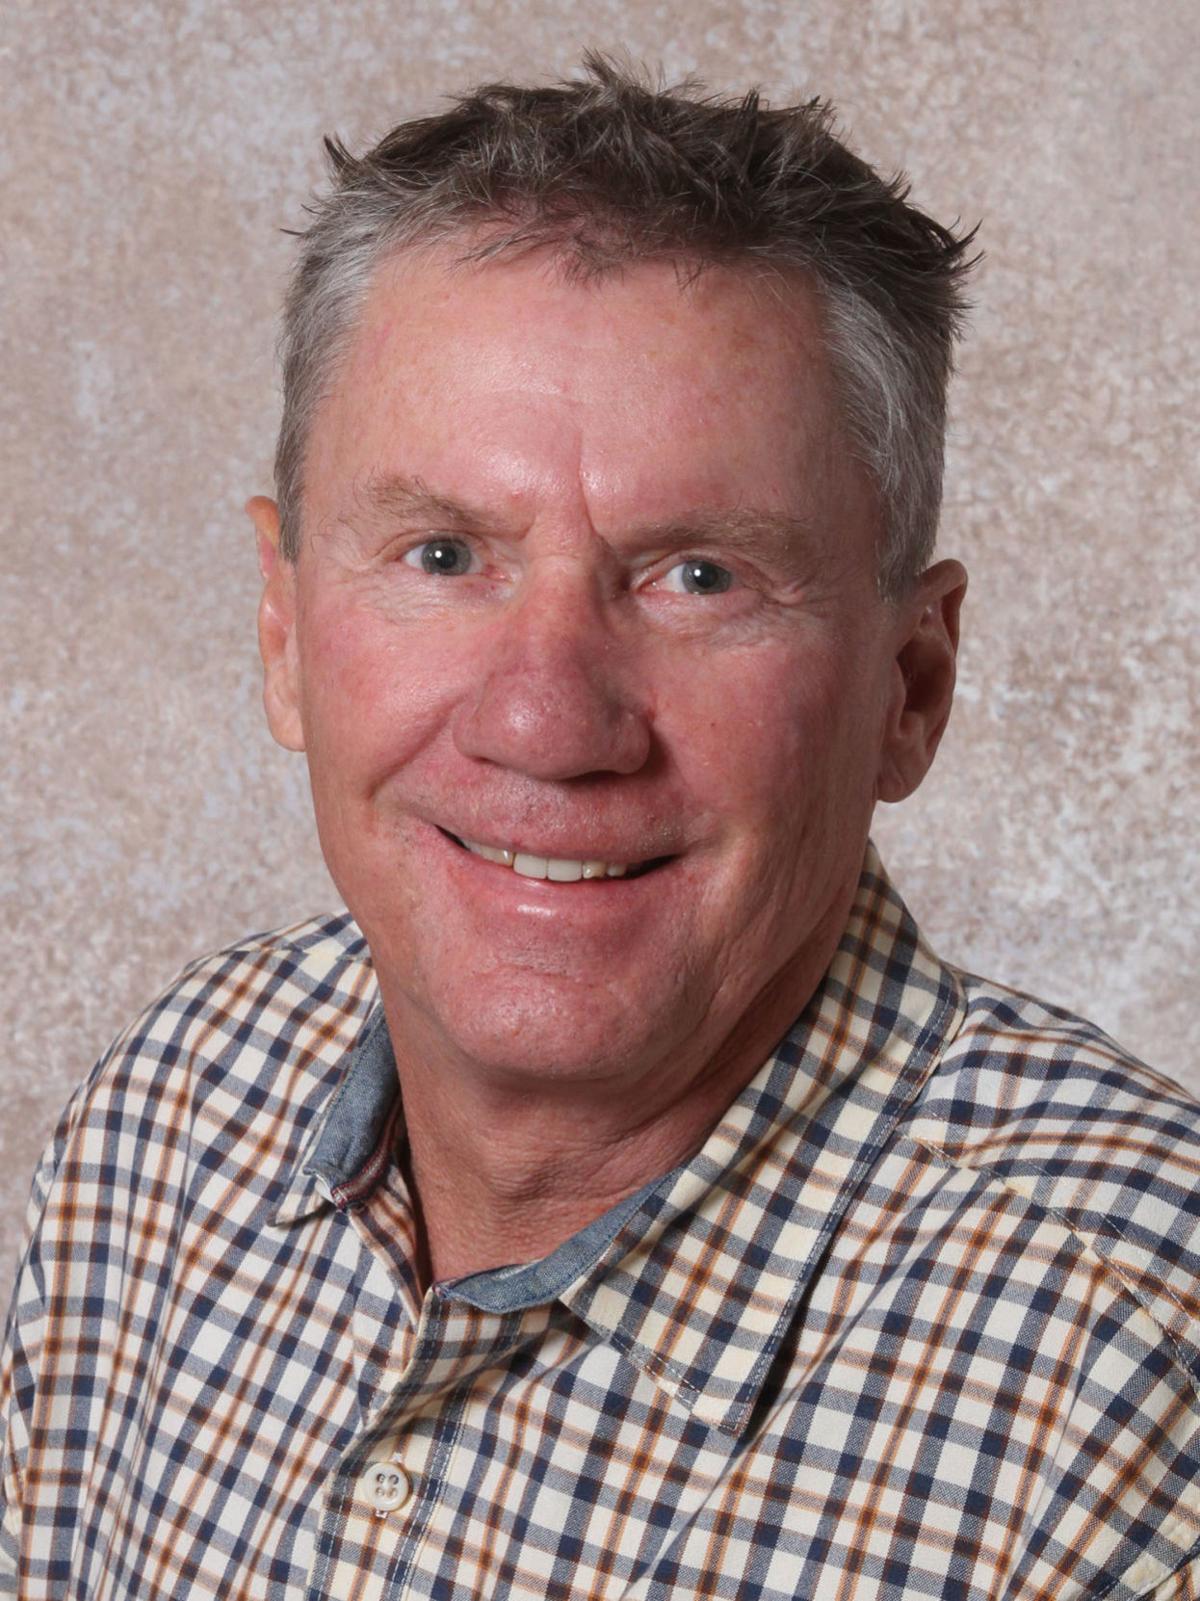 Chad Budge